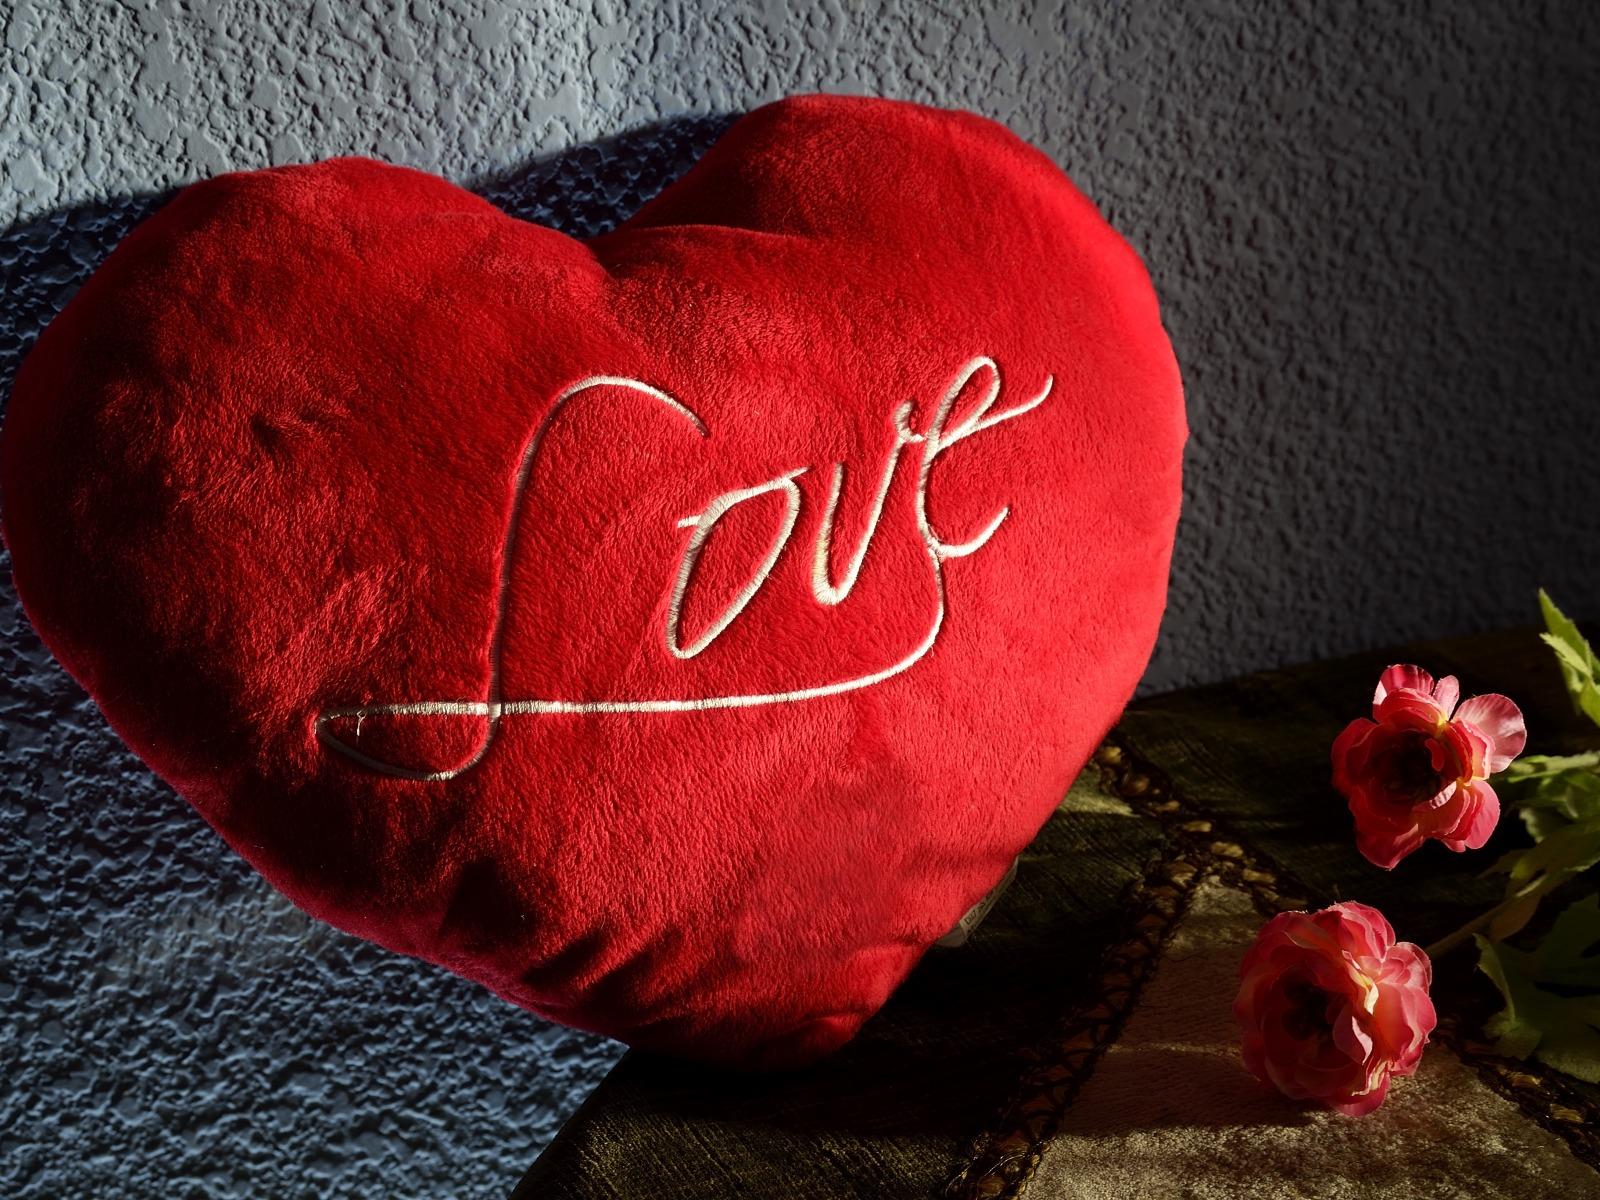 بالصور صور جميله رومنسيه , اجمل الصور الرومانسيه 3592 6